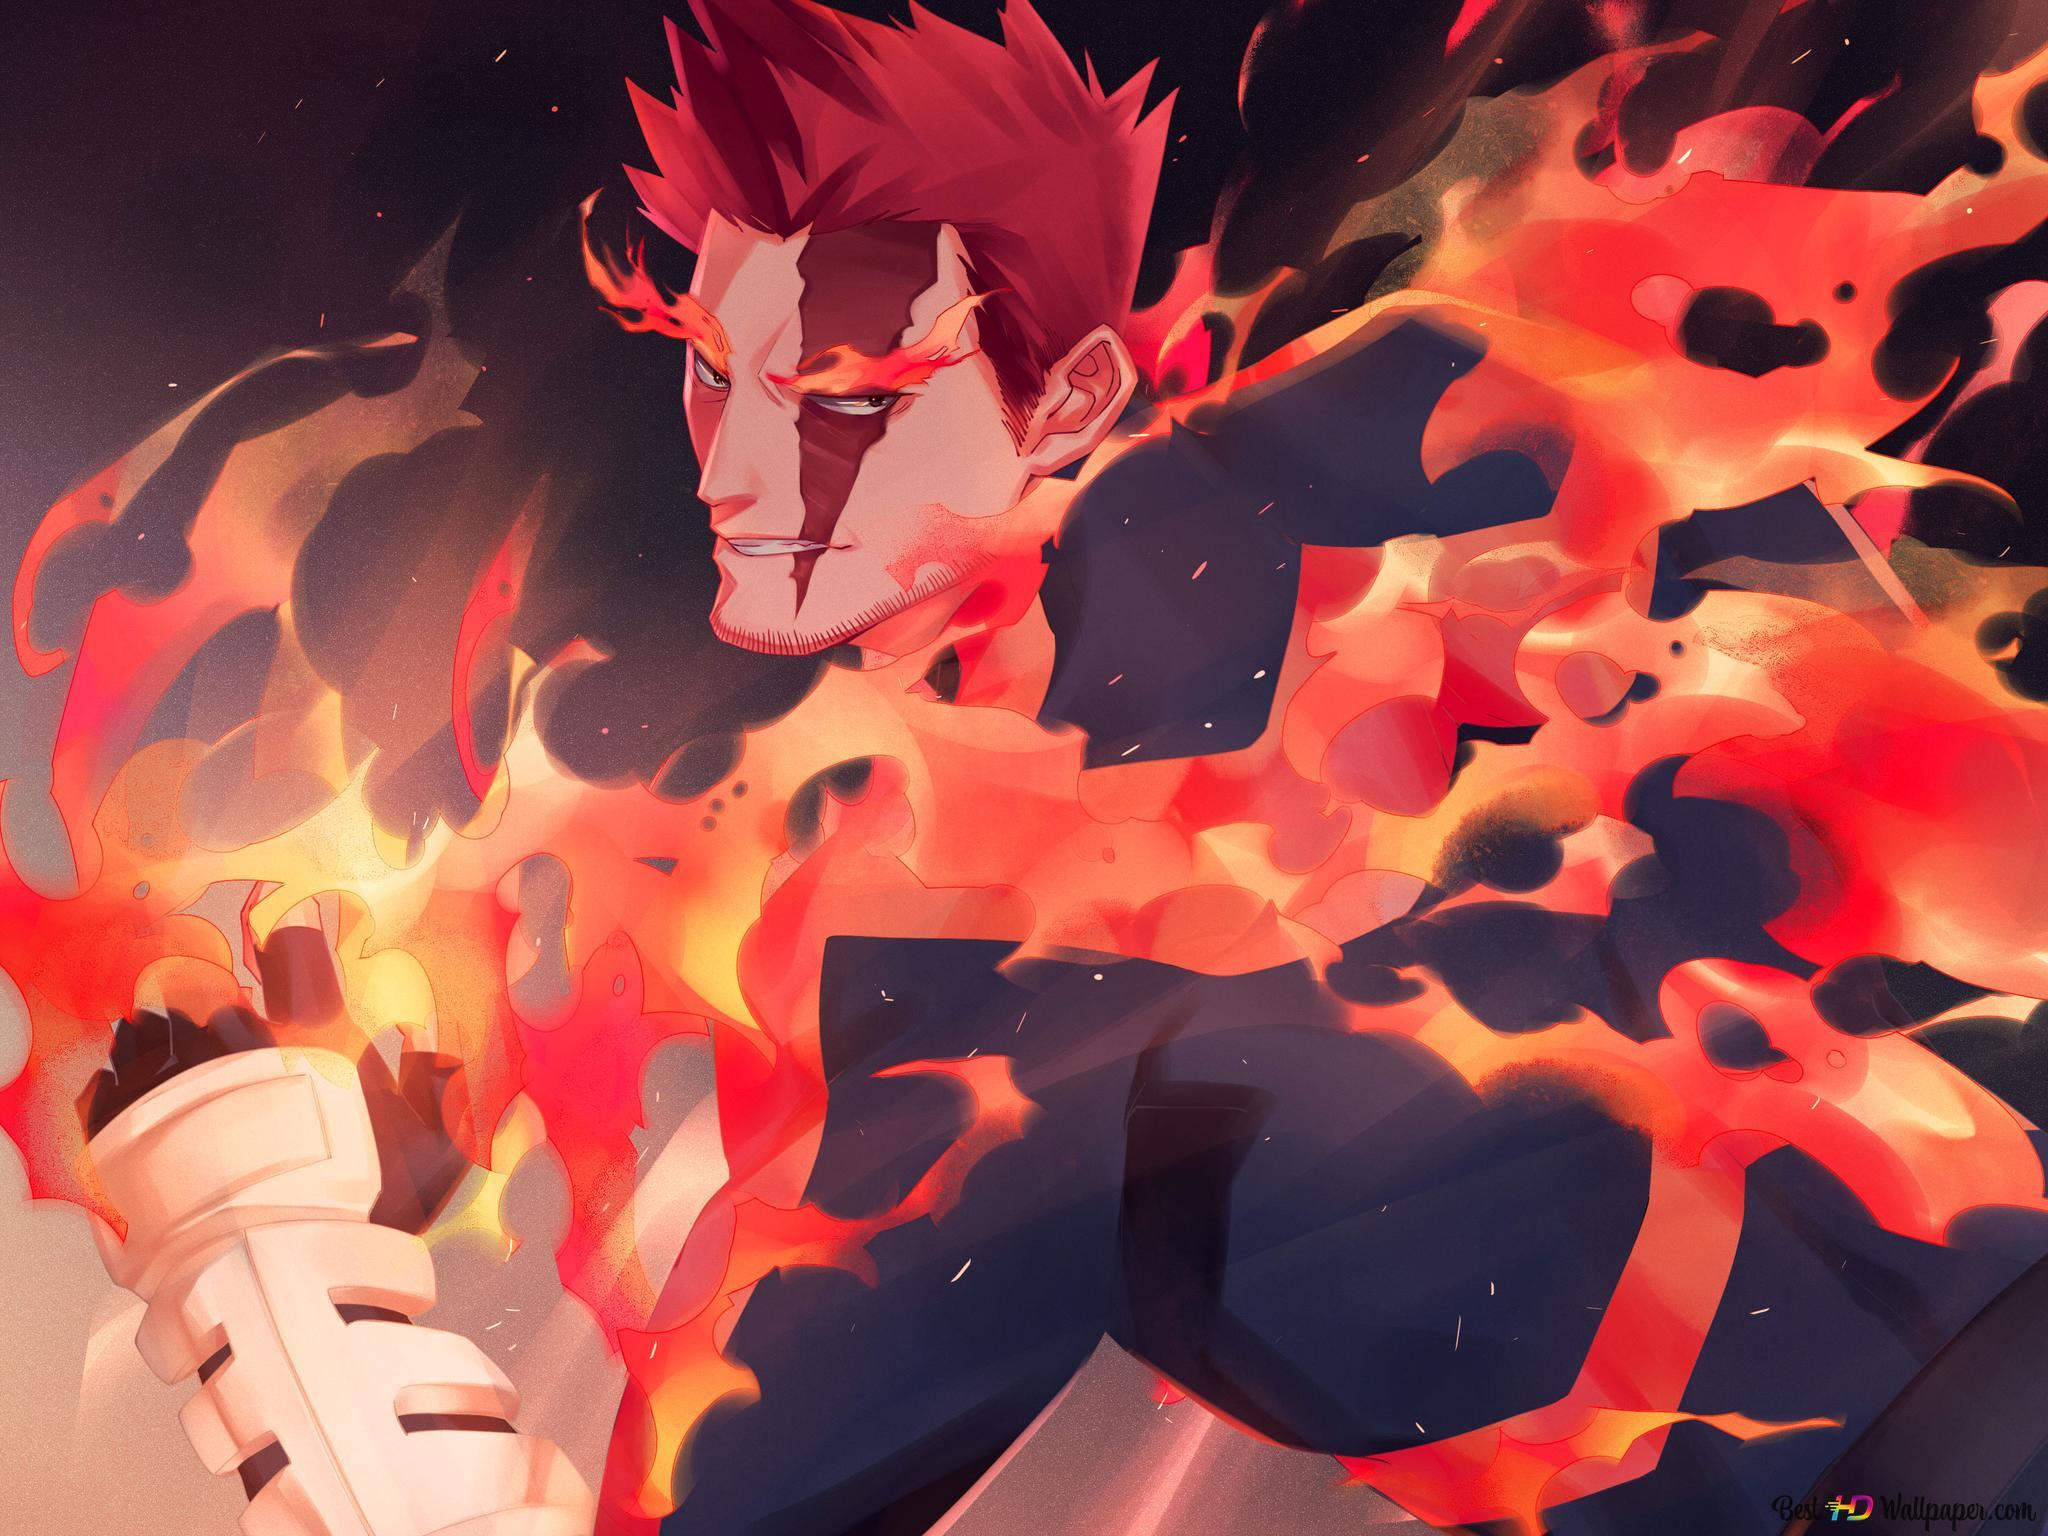 My Hero Academia Enji Todoroki Hd Wallpaper Download